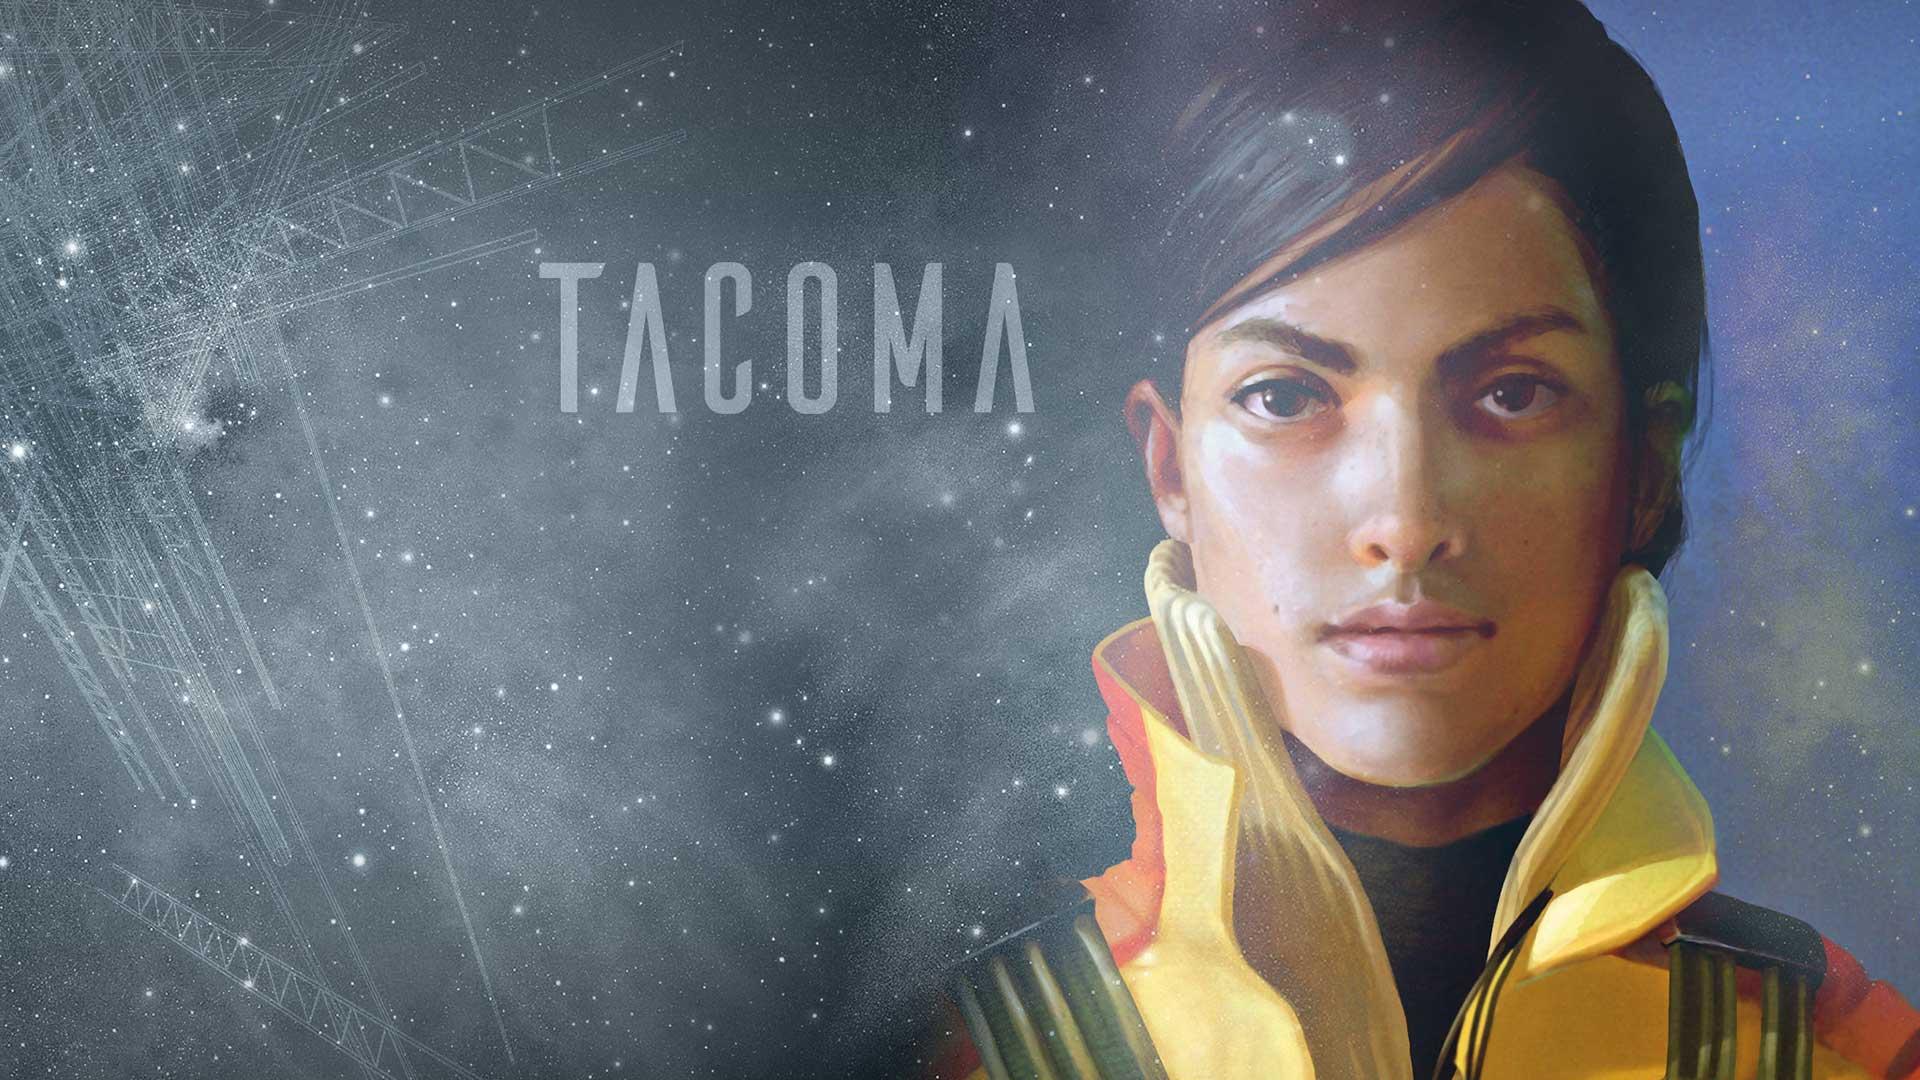 Тахома